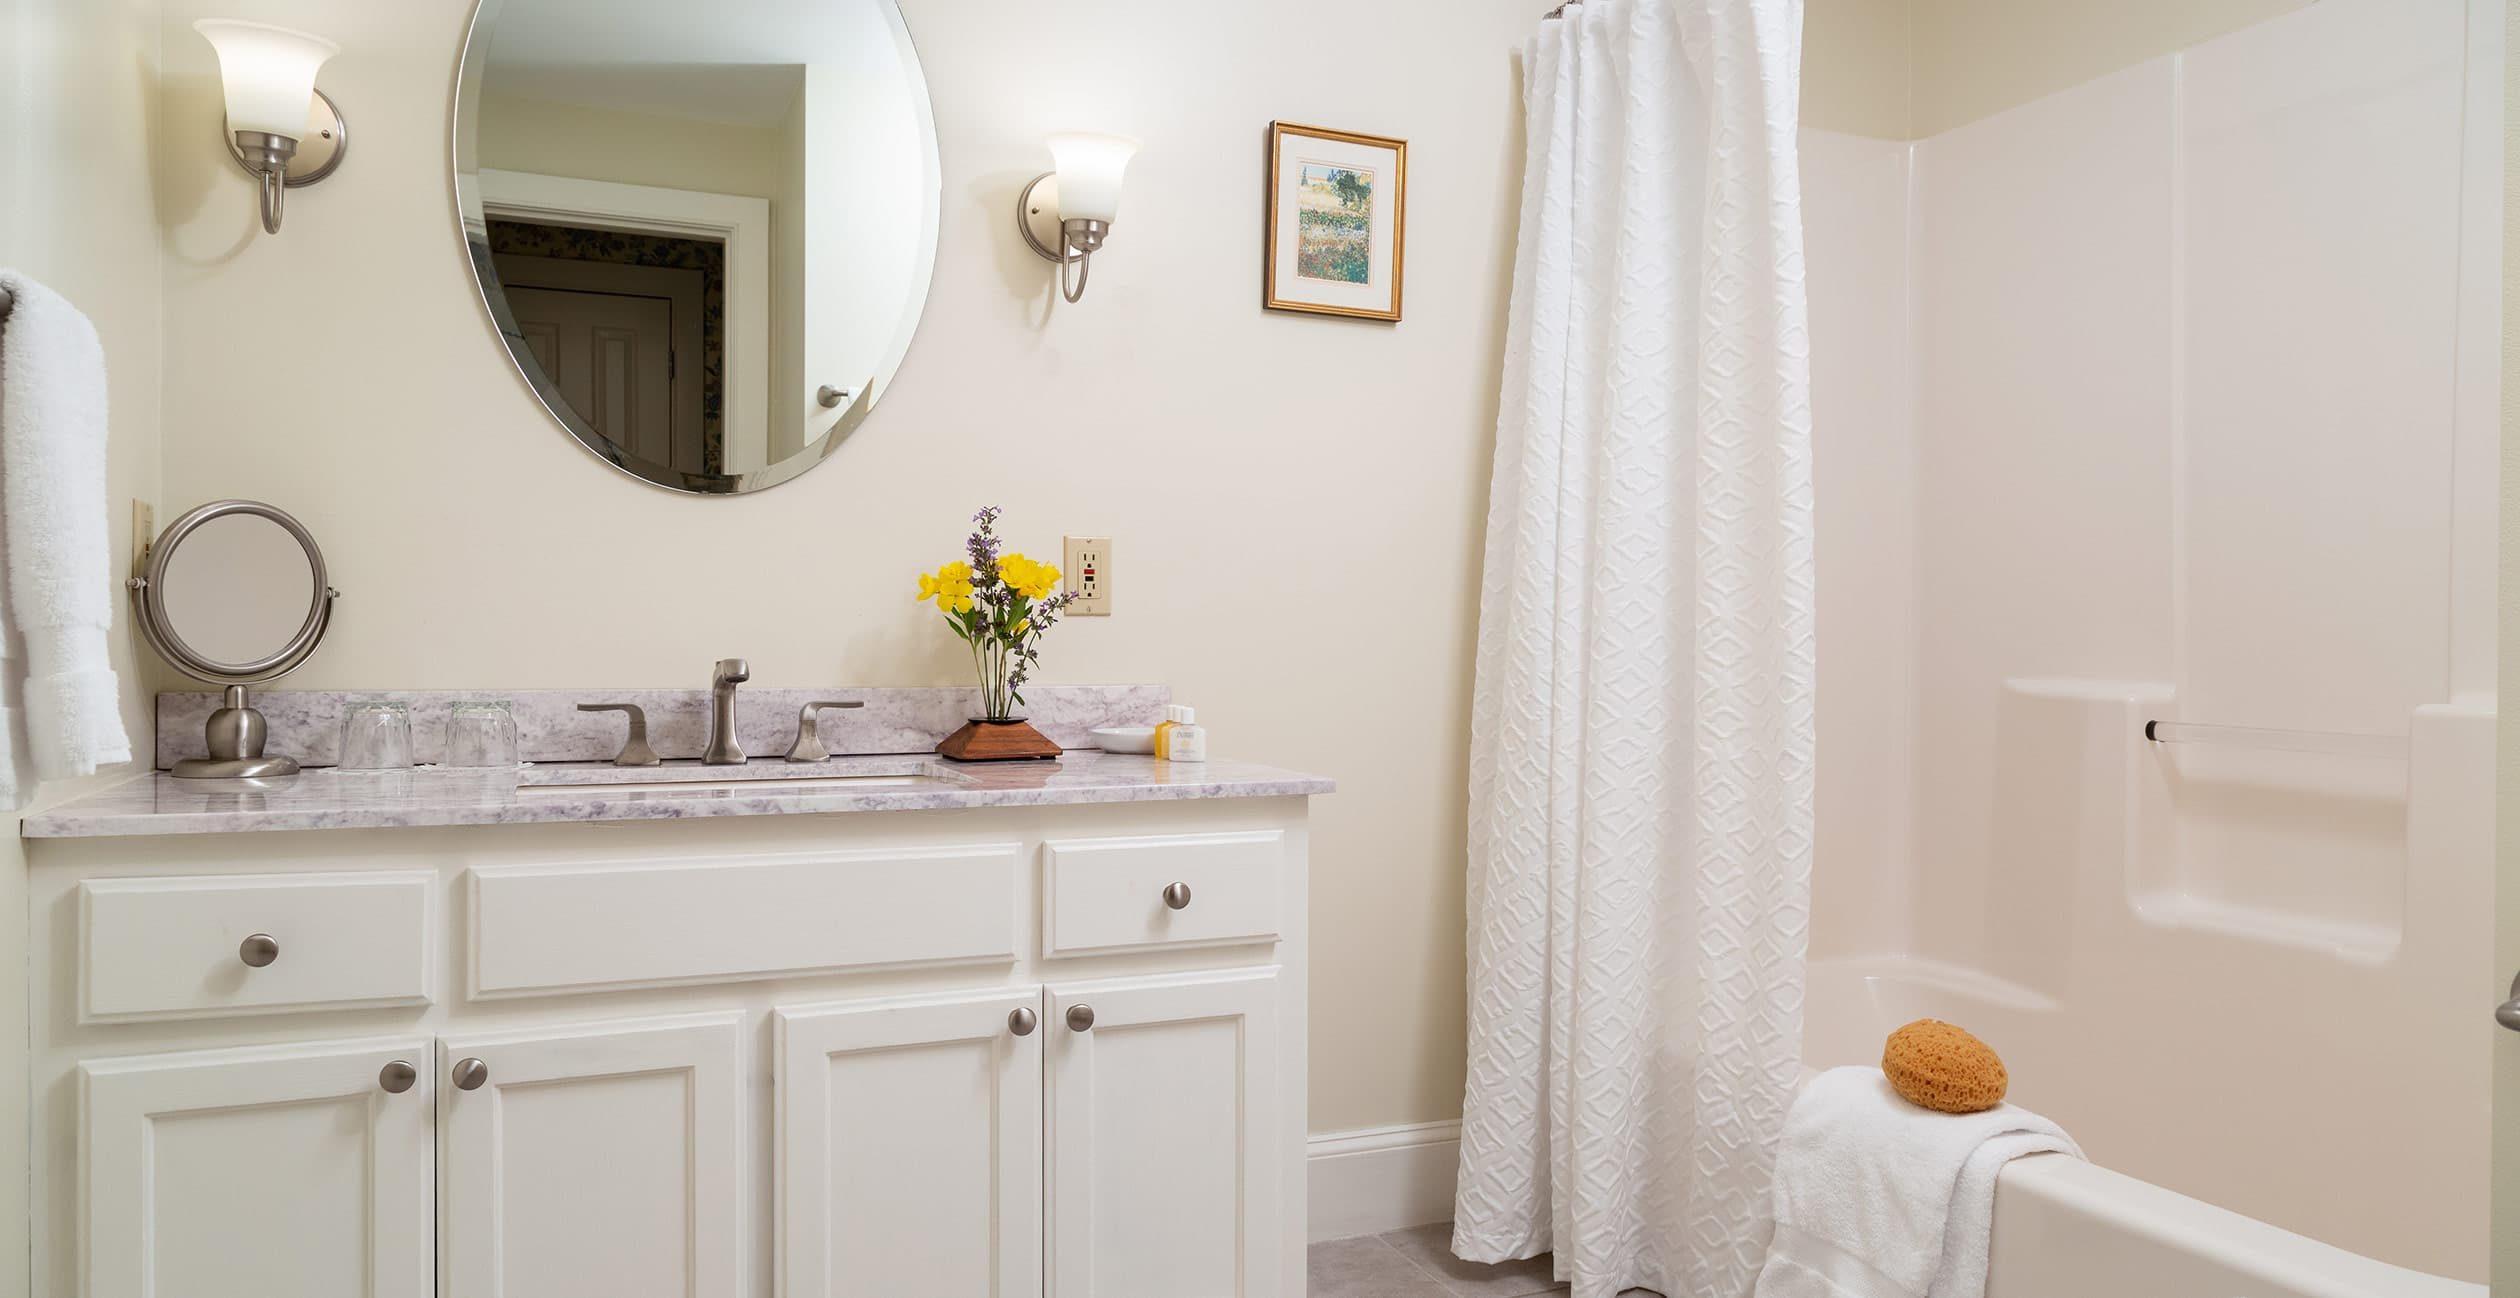 Bathroom Vanity and Tub/shower in Room 21